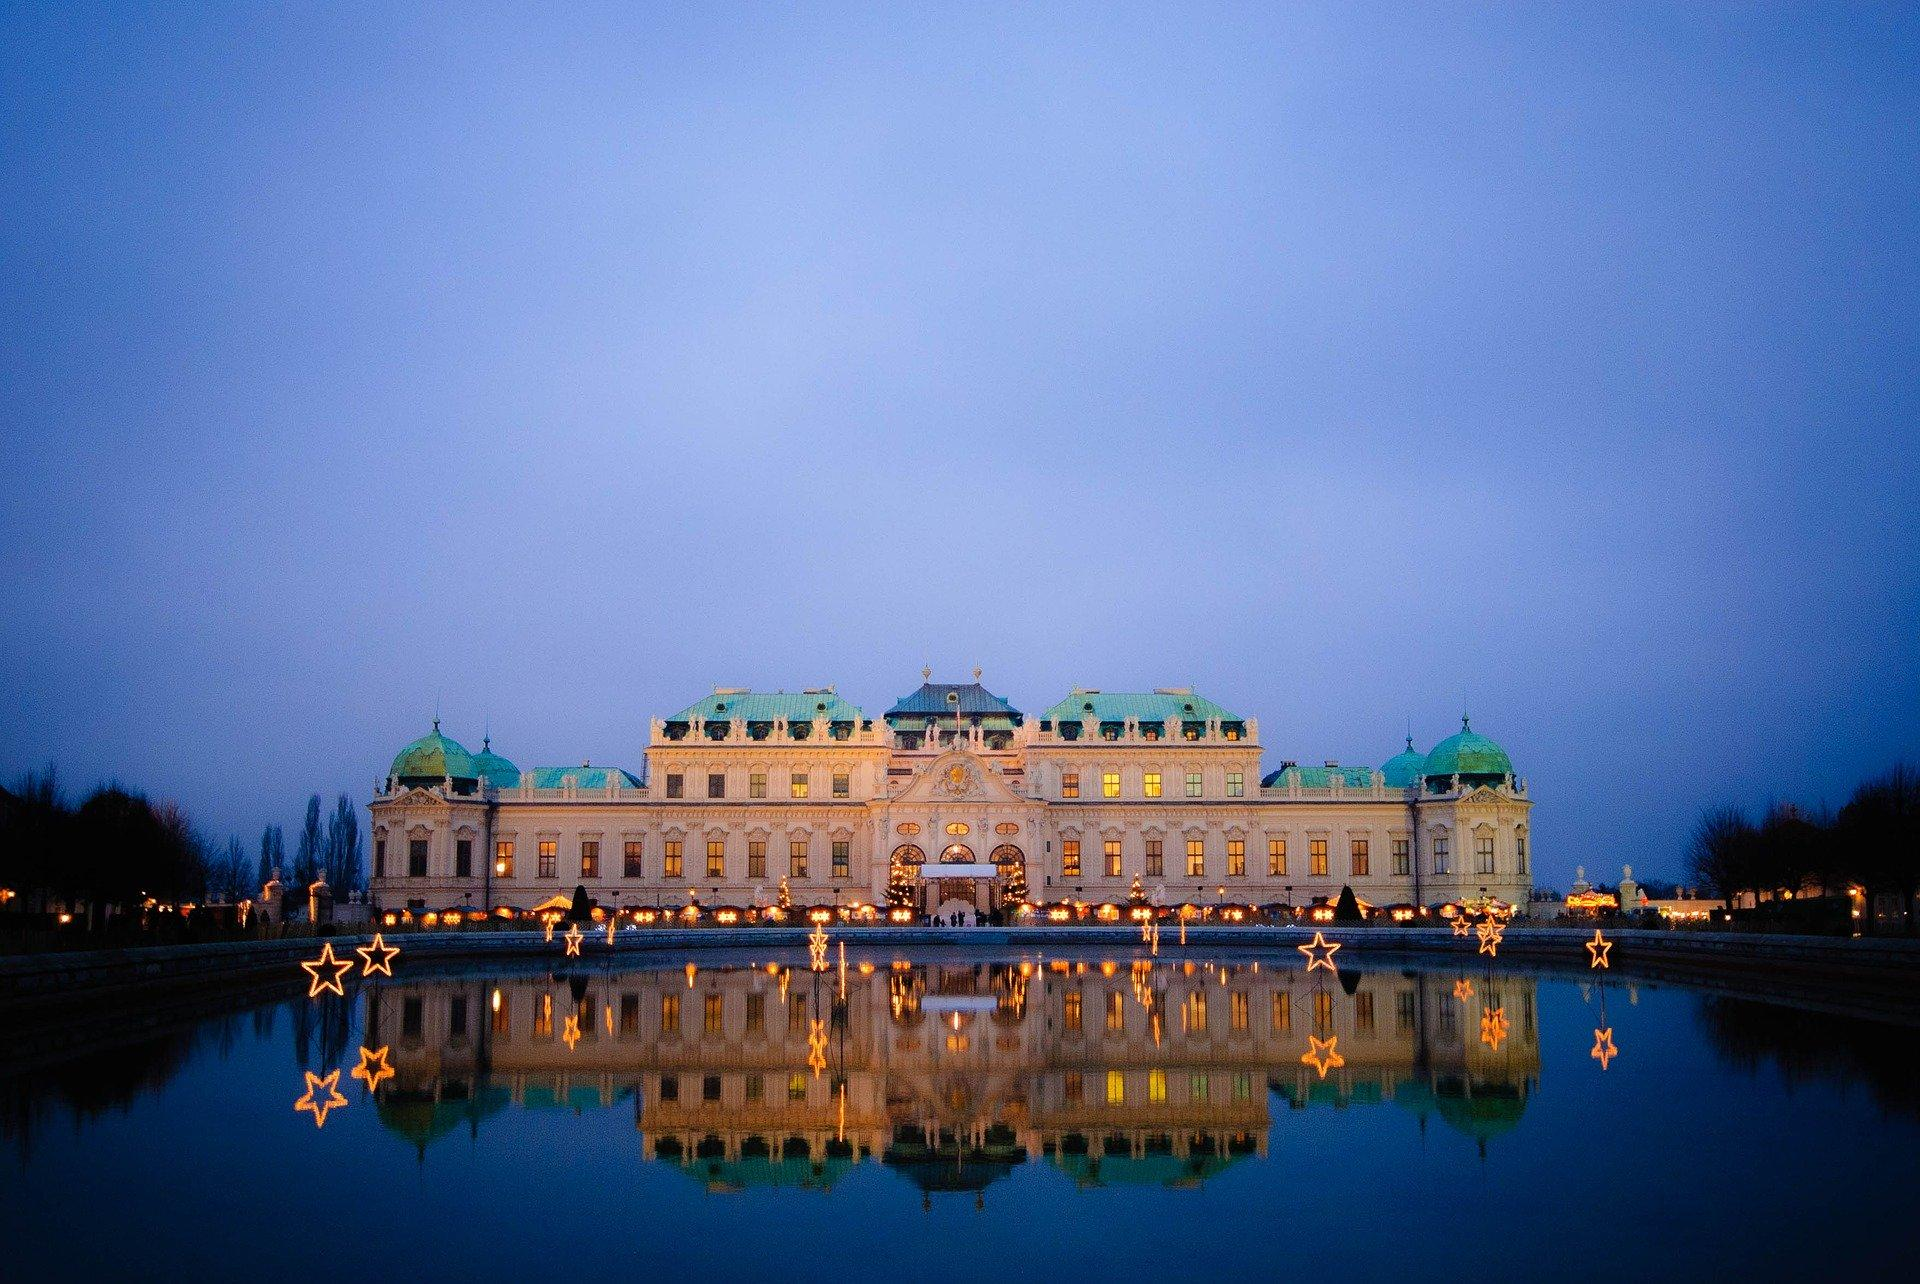 Bild von schönem Schloss in Wien welches sich im Wasser bei Abenddämmerung spiegelt